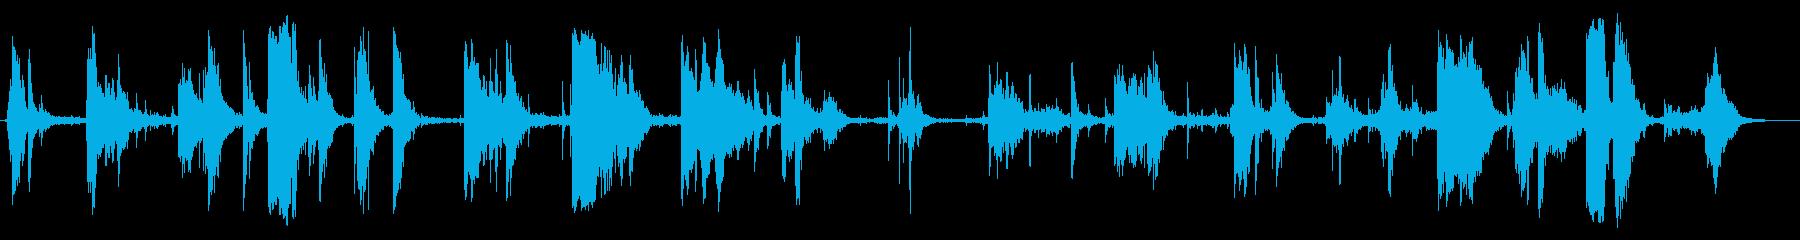 軽金属:絶え間なく重いクランチとガラガラの再生済みの波形